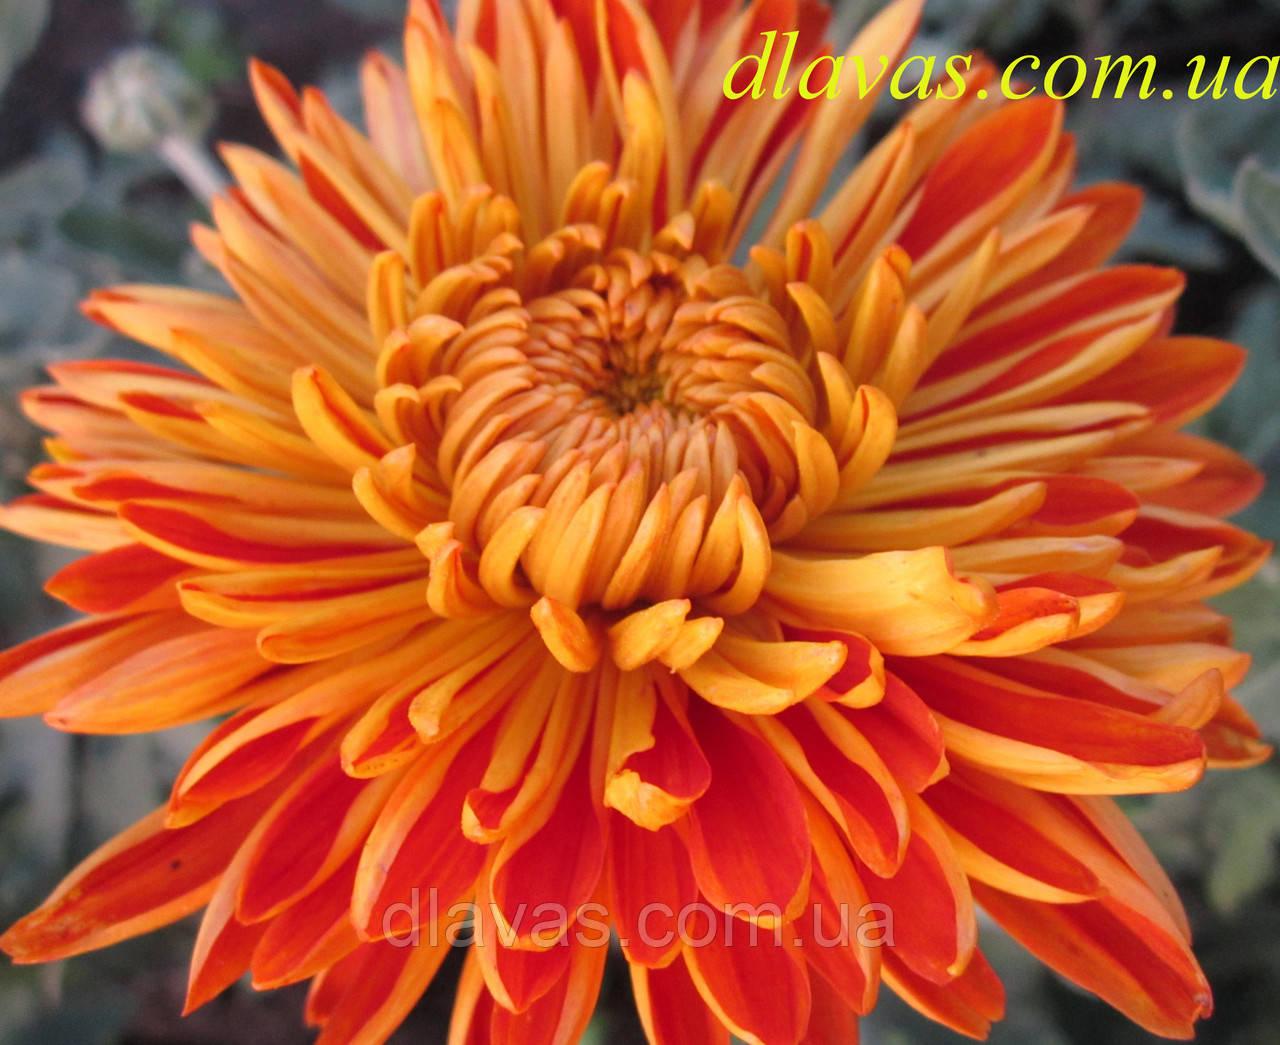 Хризантема крупноцветковая РАННЯЯ